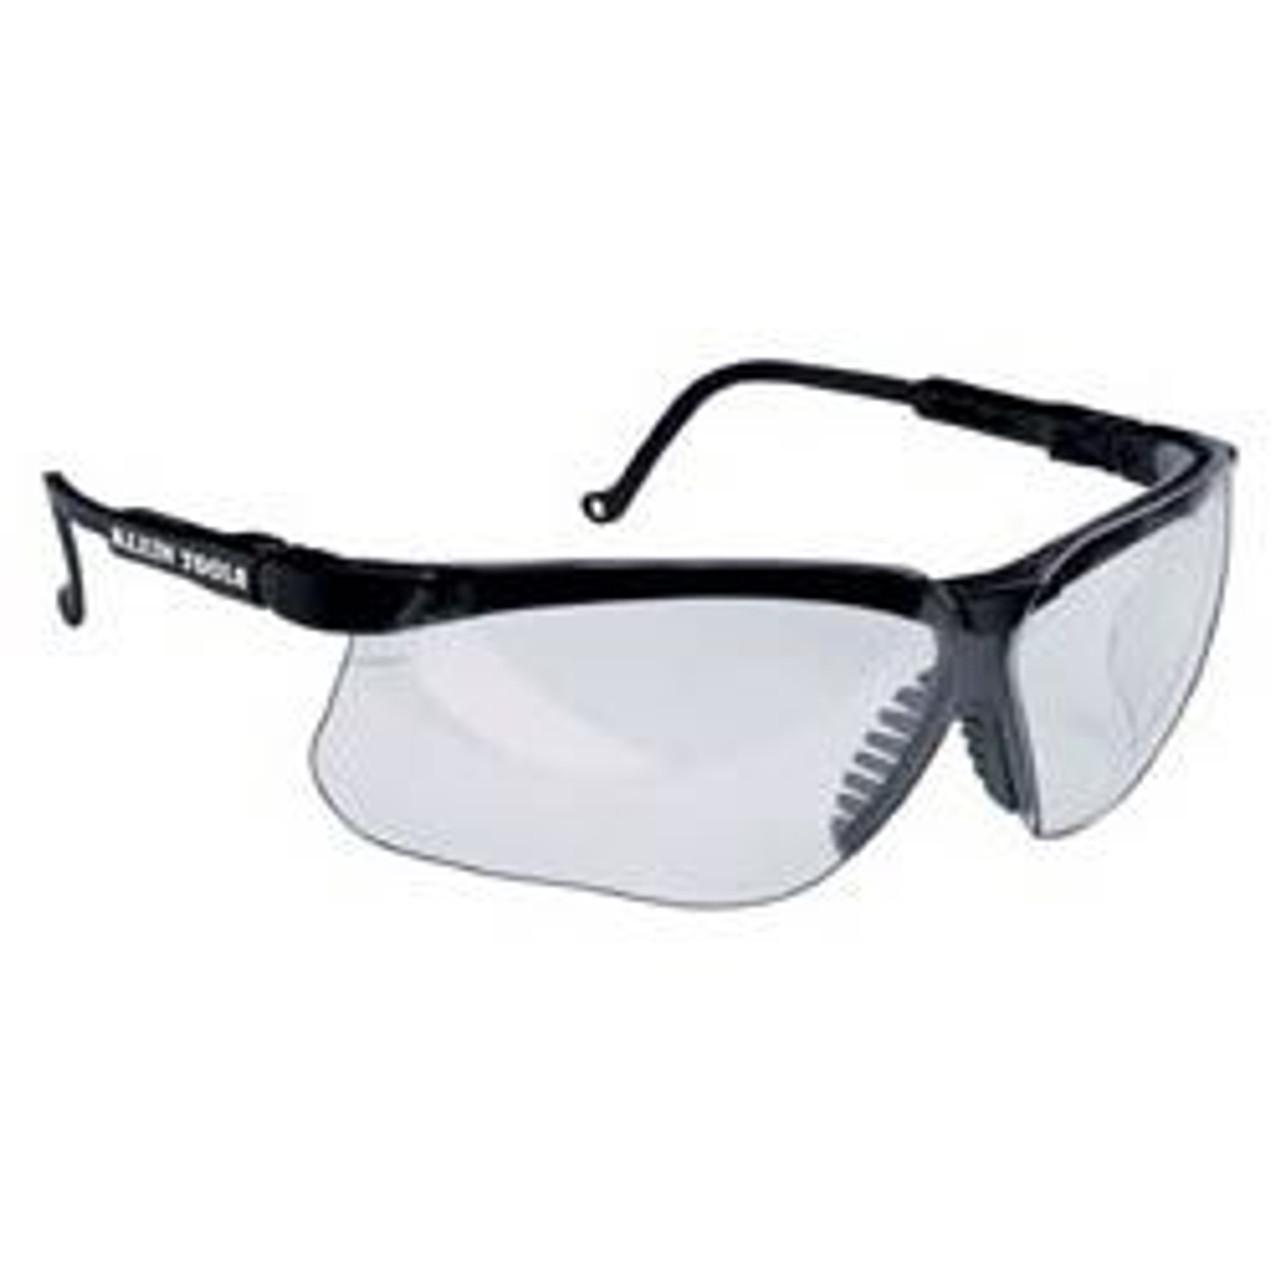 Klein 60054  Protective Eyewear